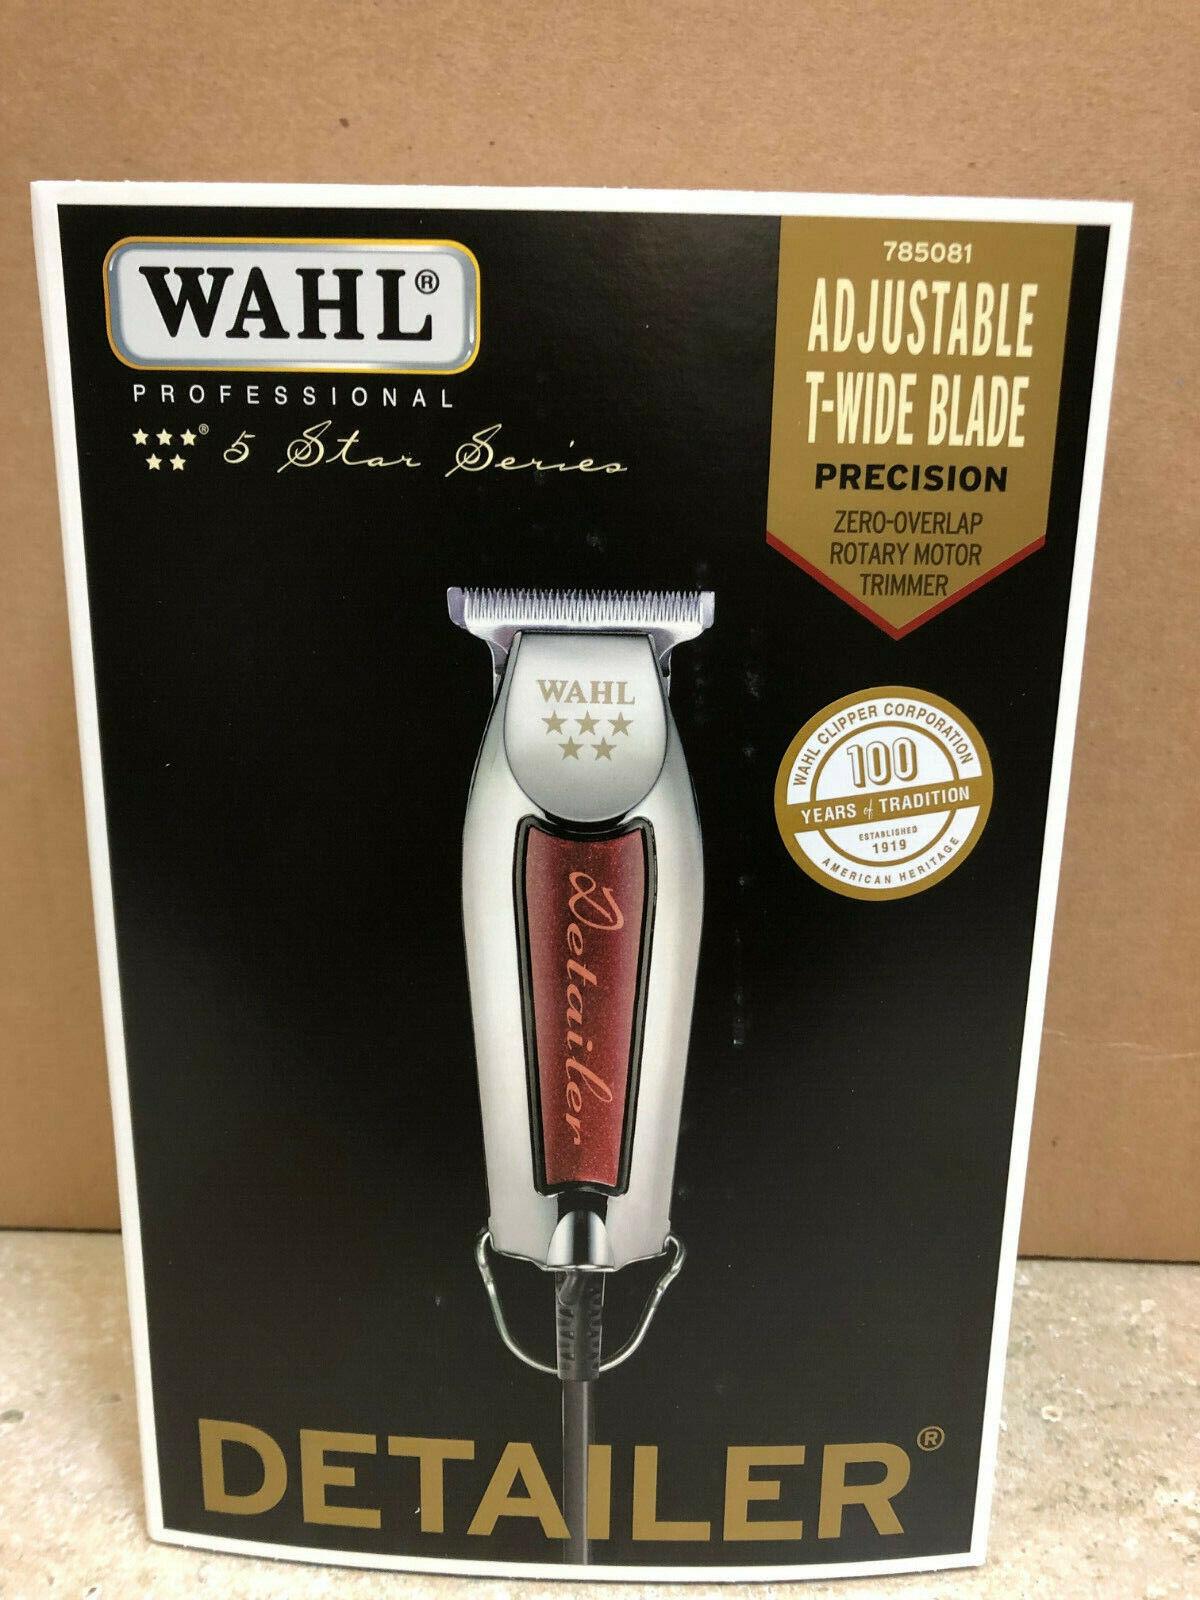 Wahl 5 Star Detailer Pro Barber Hair Trimmer # 8081 Adjustab